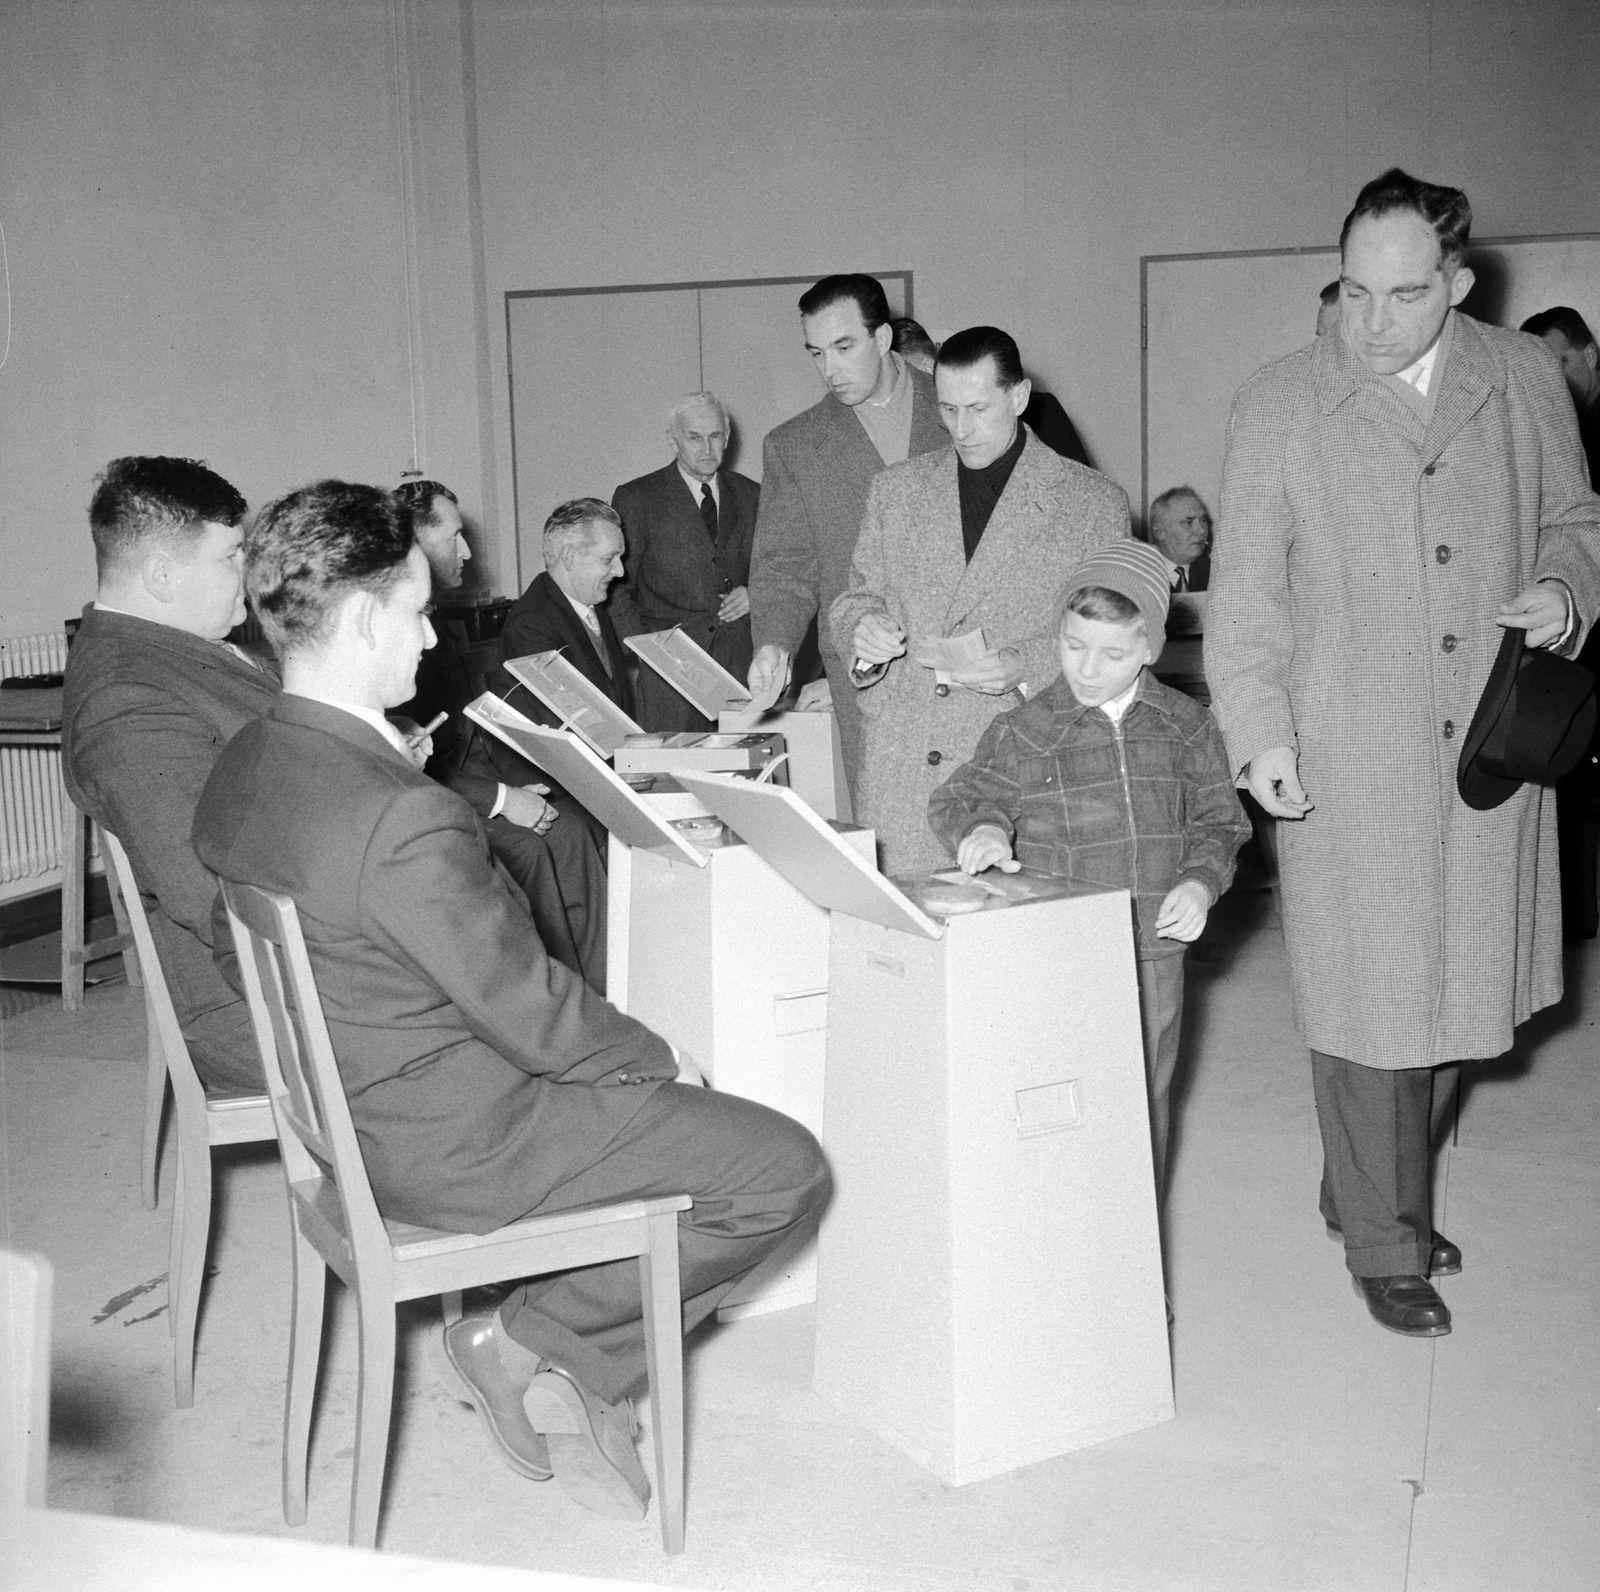 Urnengang zur 1. Eidgenössischen Abstimmung über das Frauenstimmrecht 1959